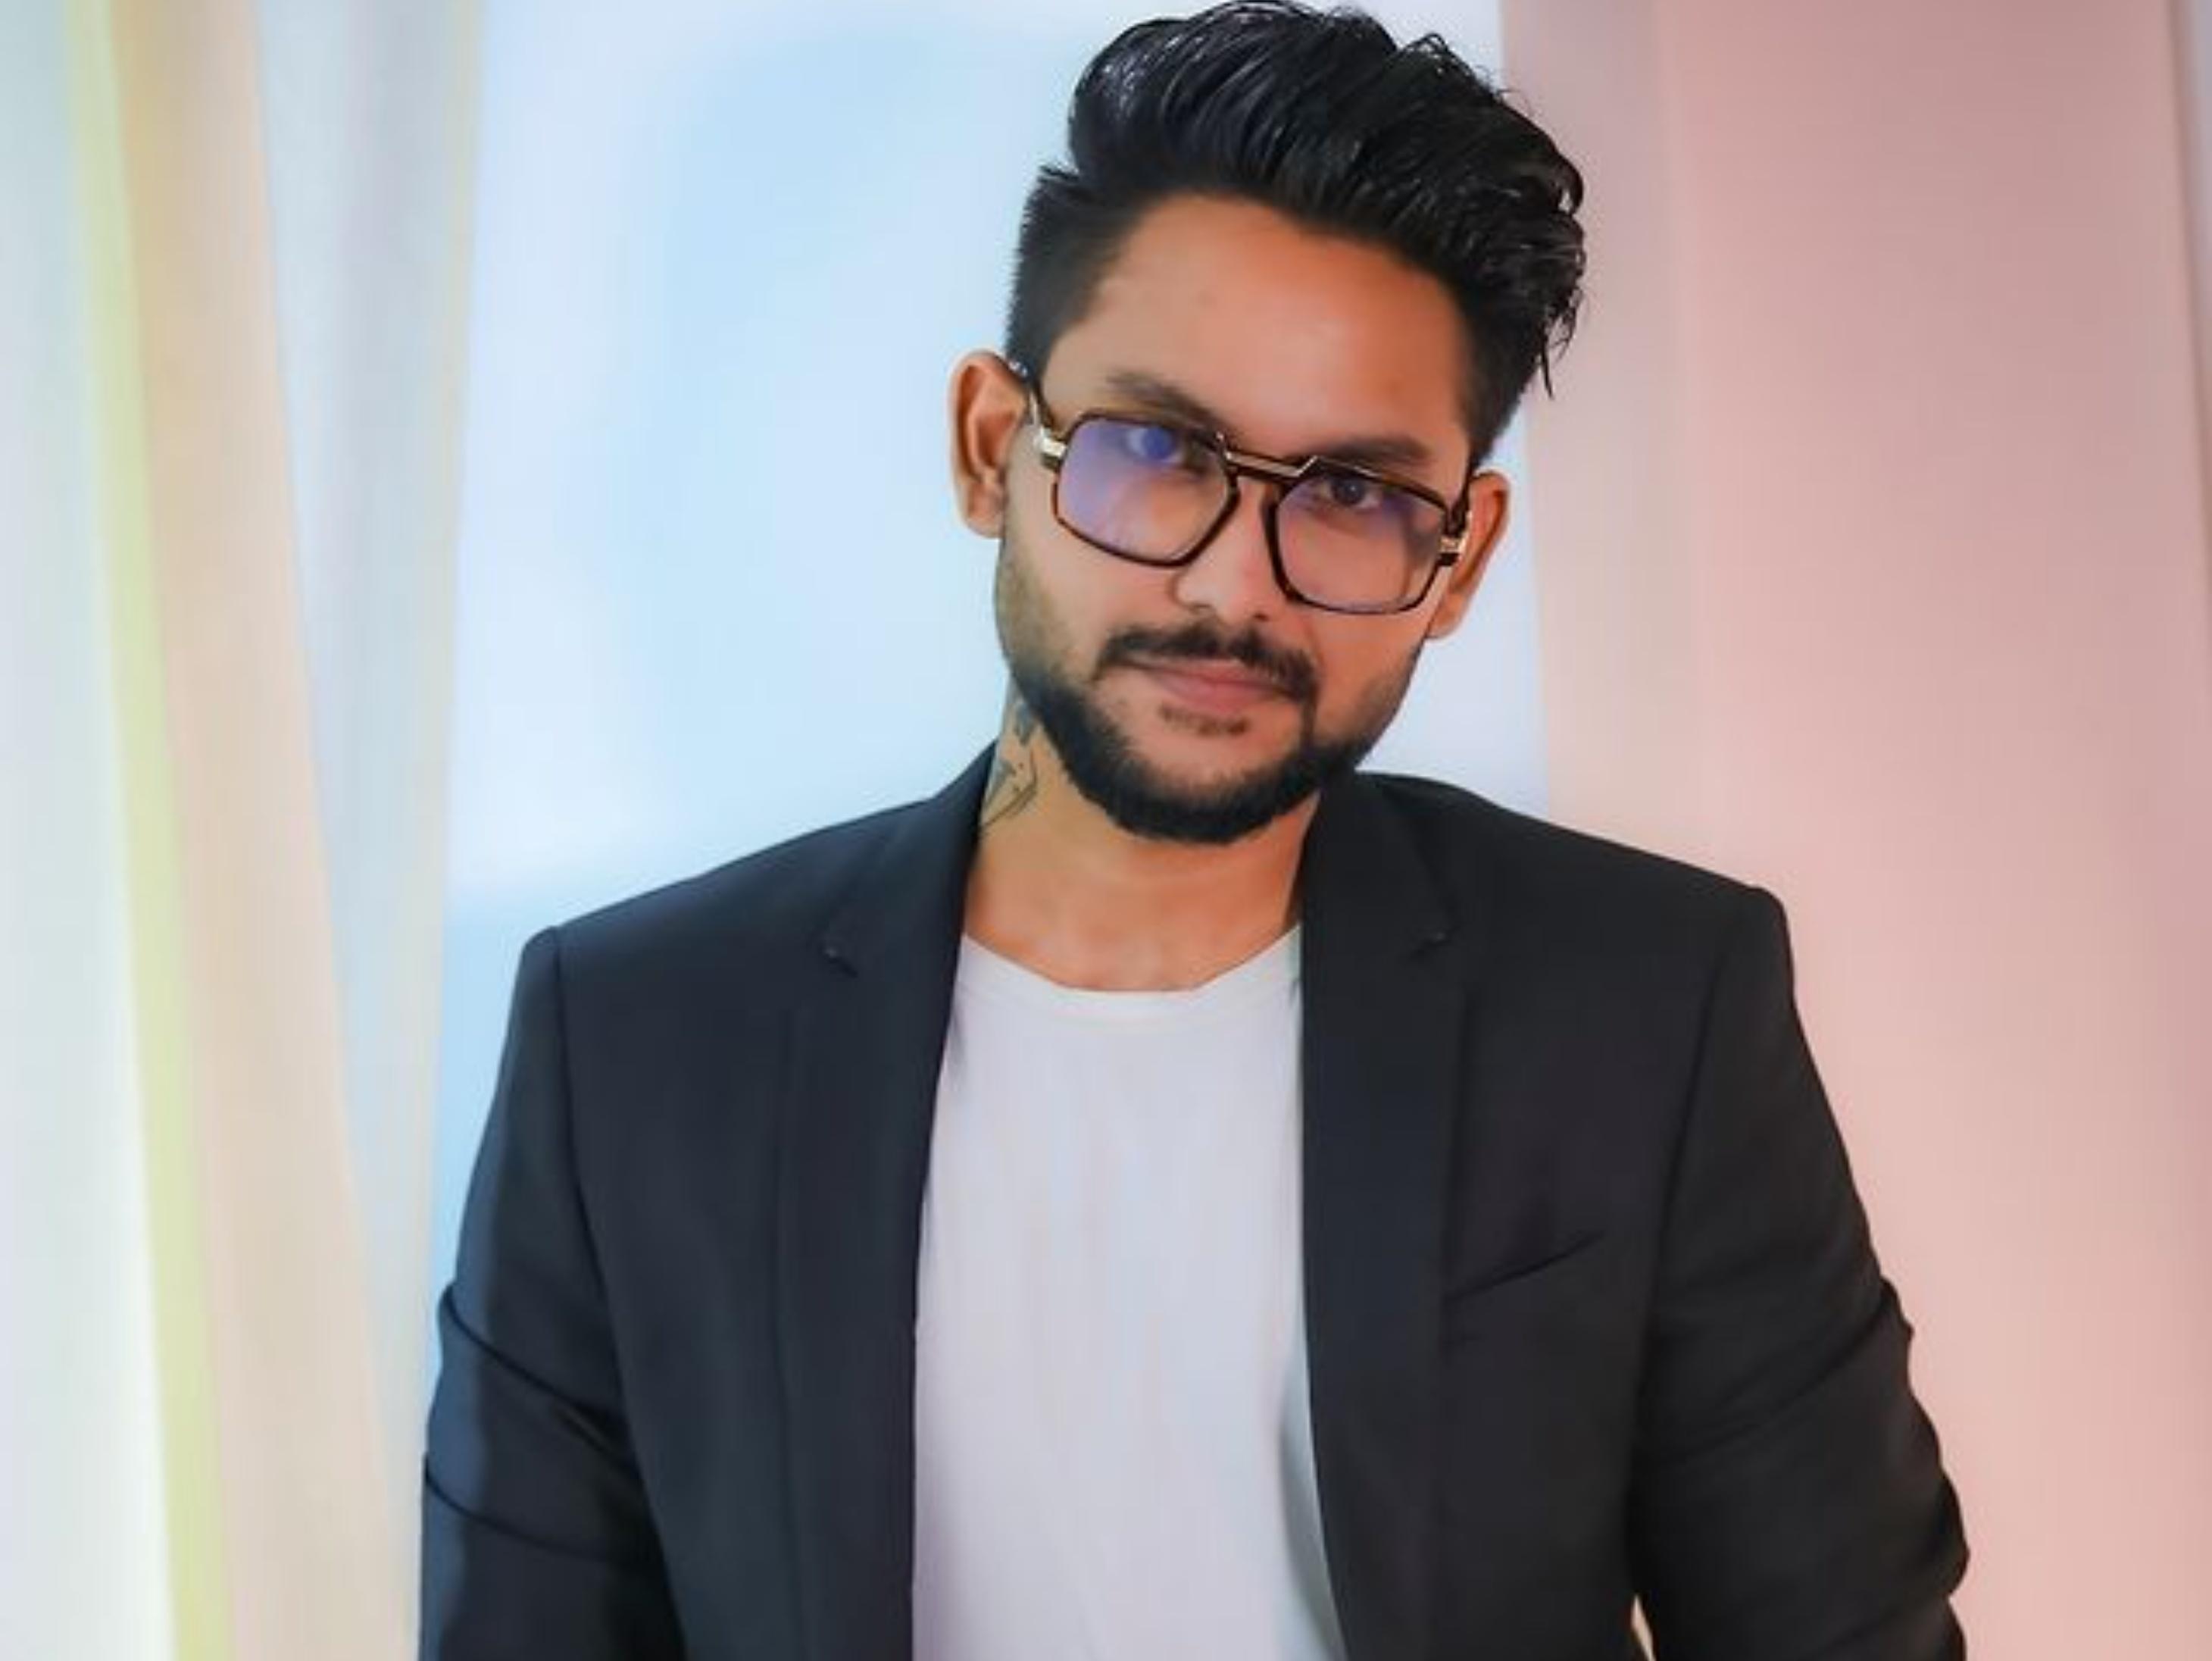 जान कुमार सानू ने कहा- कुमार सानू का बेटा हूं इसलिए लोगों ने जॉब देना तो दूर गाना तक नहीं सुना|बॉलीवुड,Bollywood - Dainik Bhaskar